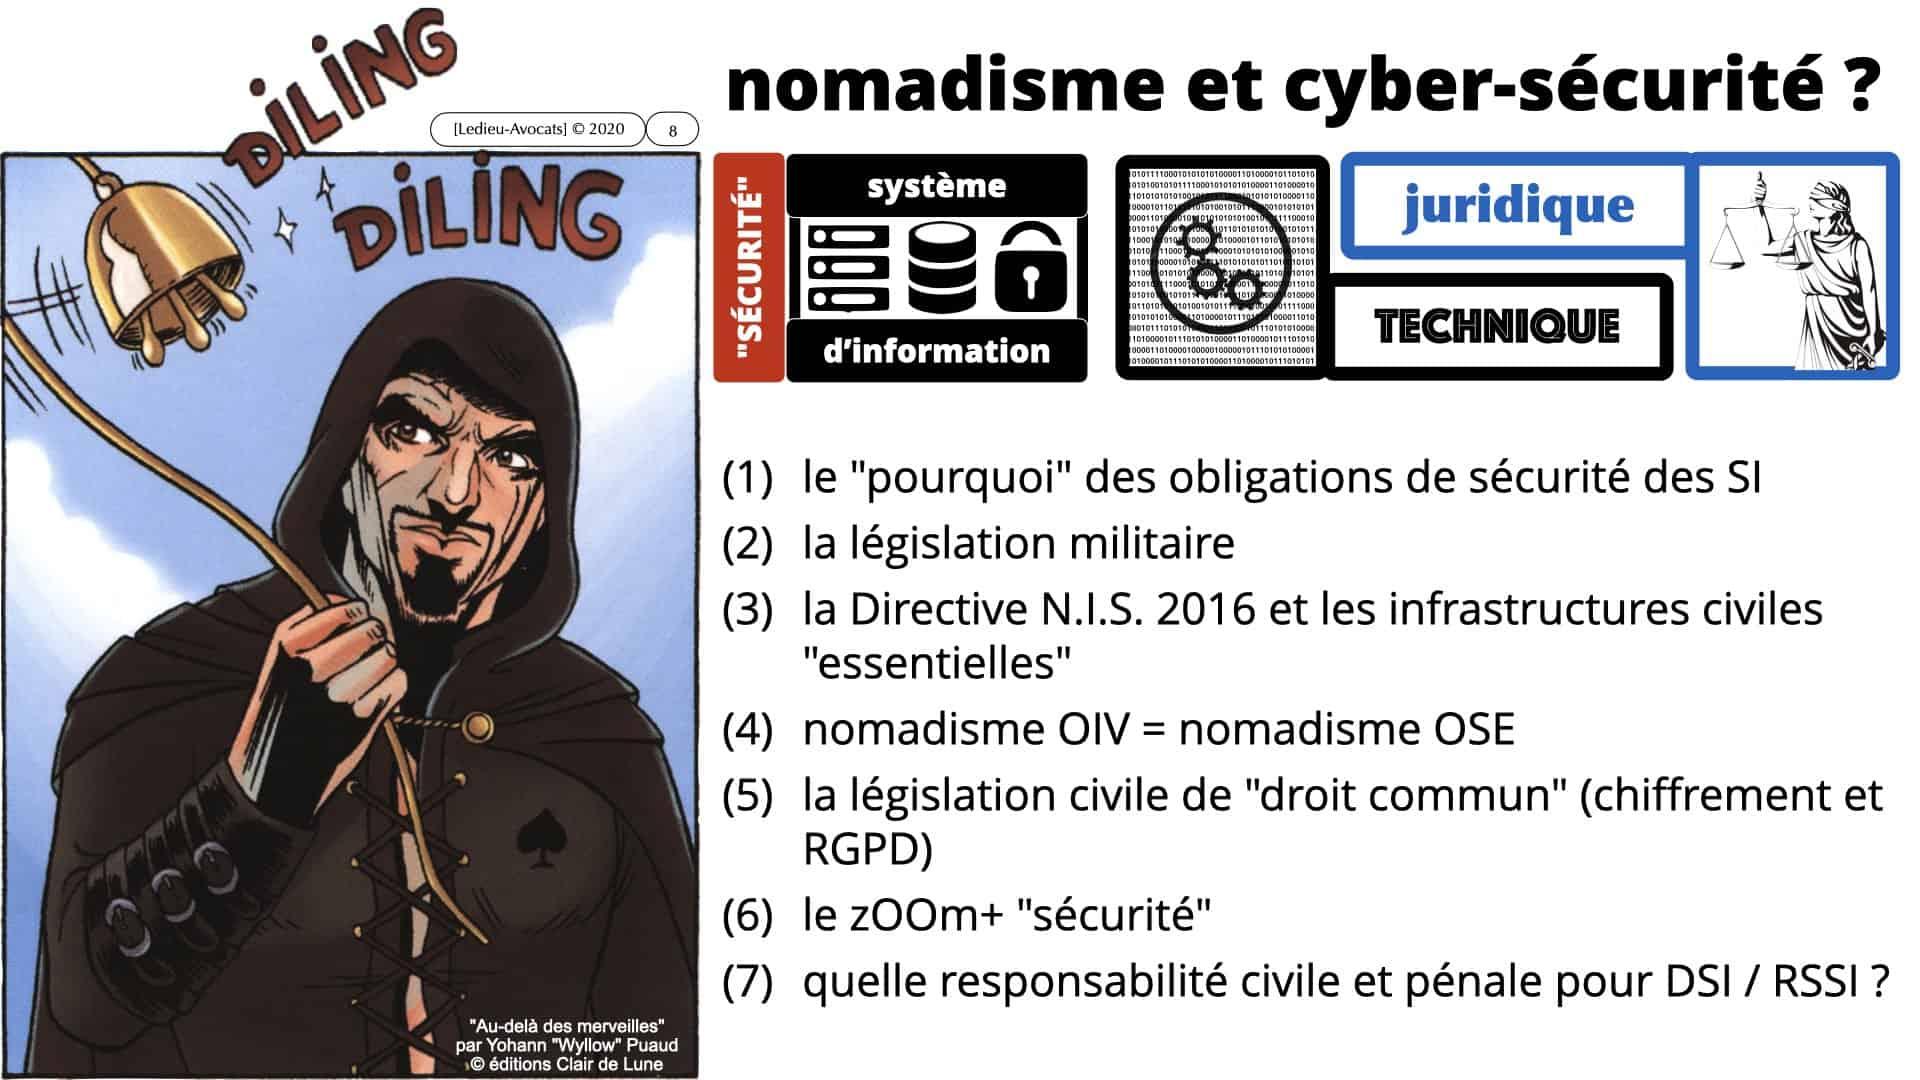 nomadisme et cyber-sécurité des postes de travail